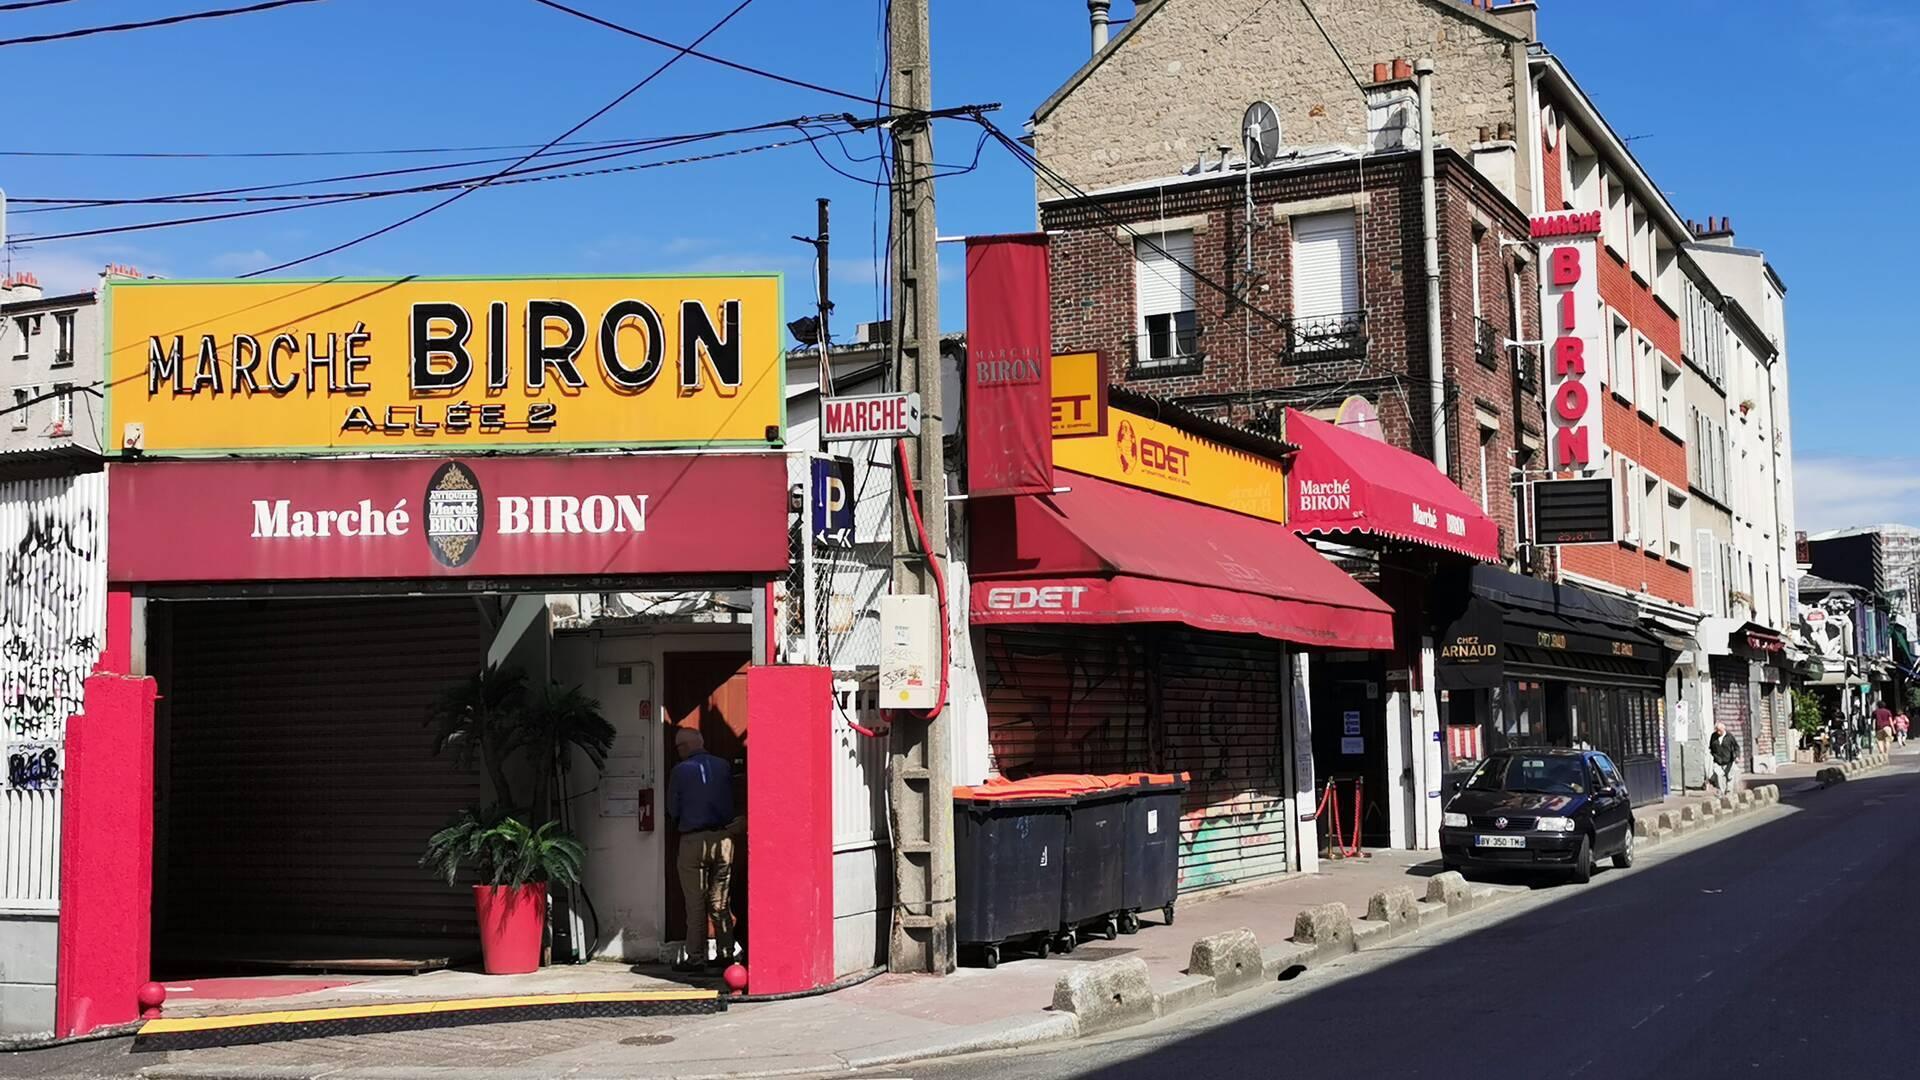 marche-biron-puces-paris-saint-ouen-tourisme-seine-saint-denis-plaine-commune-grand-paris-nord